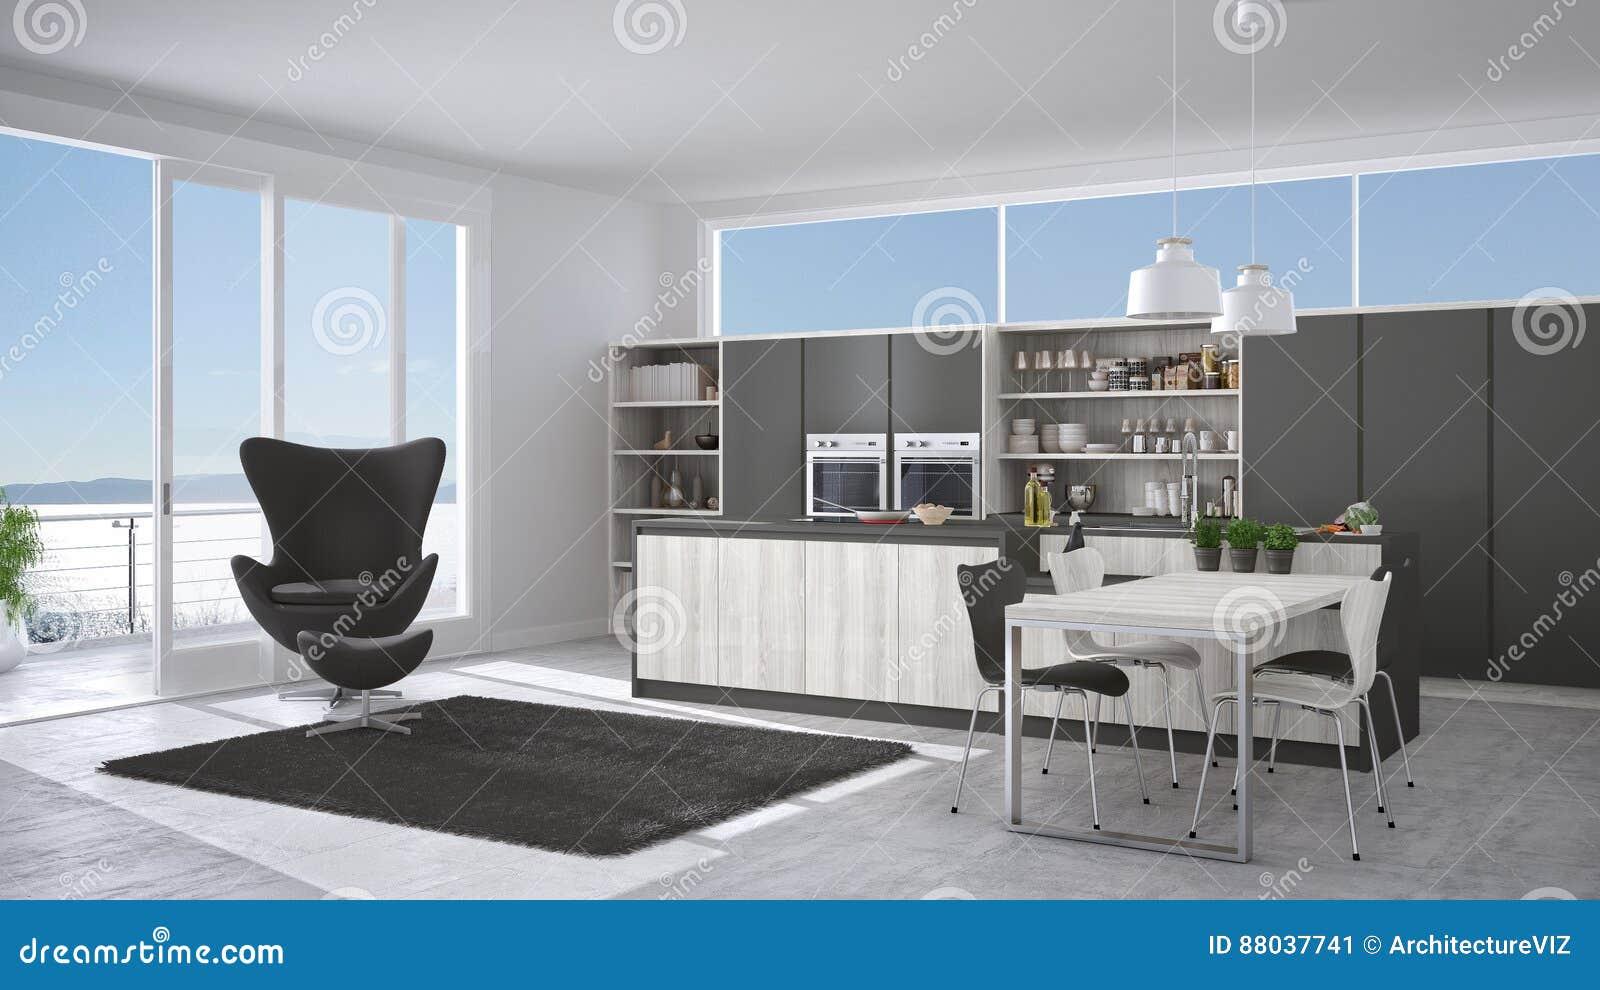 Cucina bianca e grigia moderna con i dettagli di legno grandi wi della finestra illustrazione - Cucina bianca e legno ...